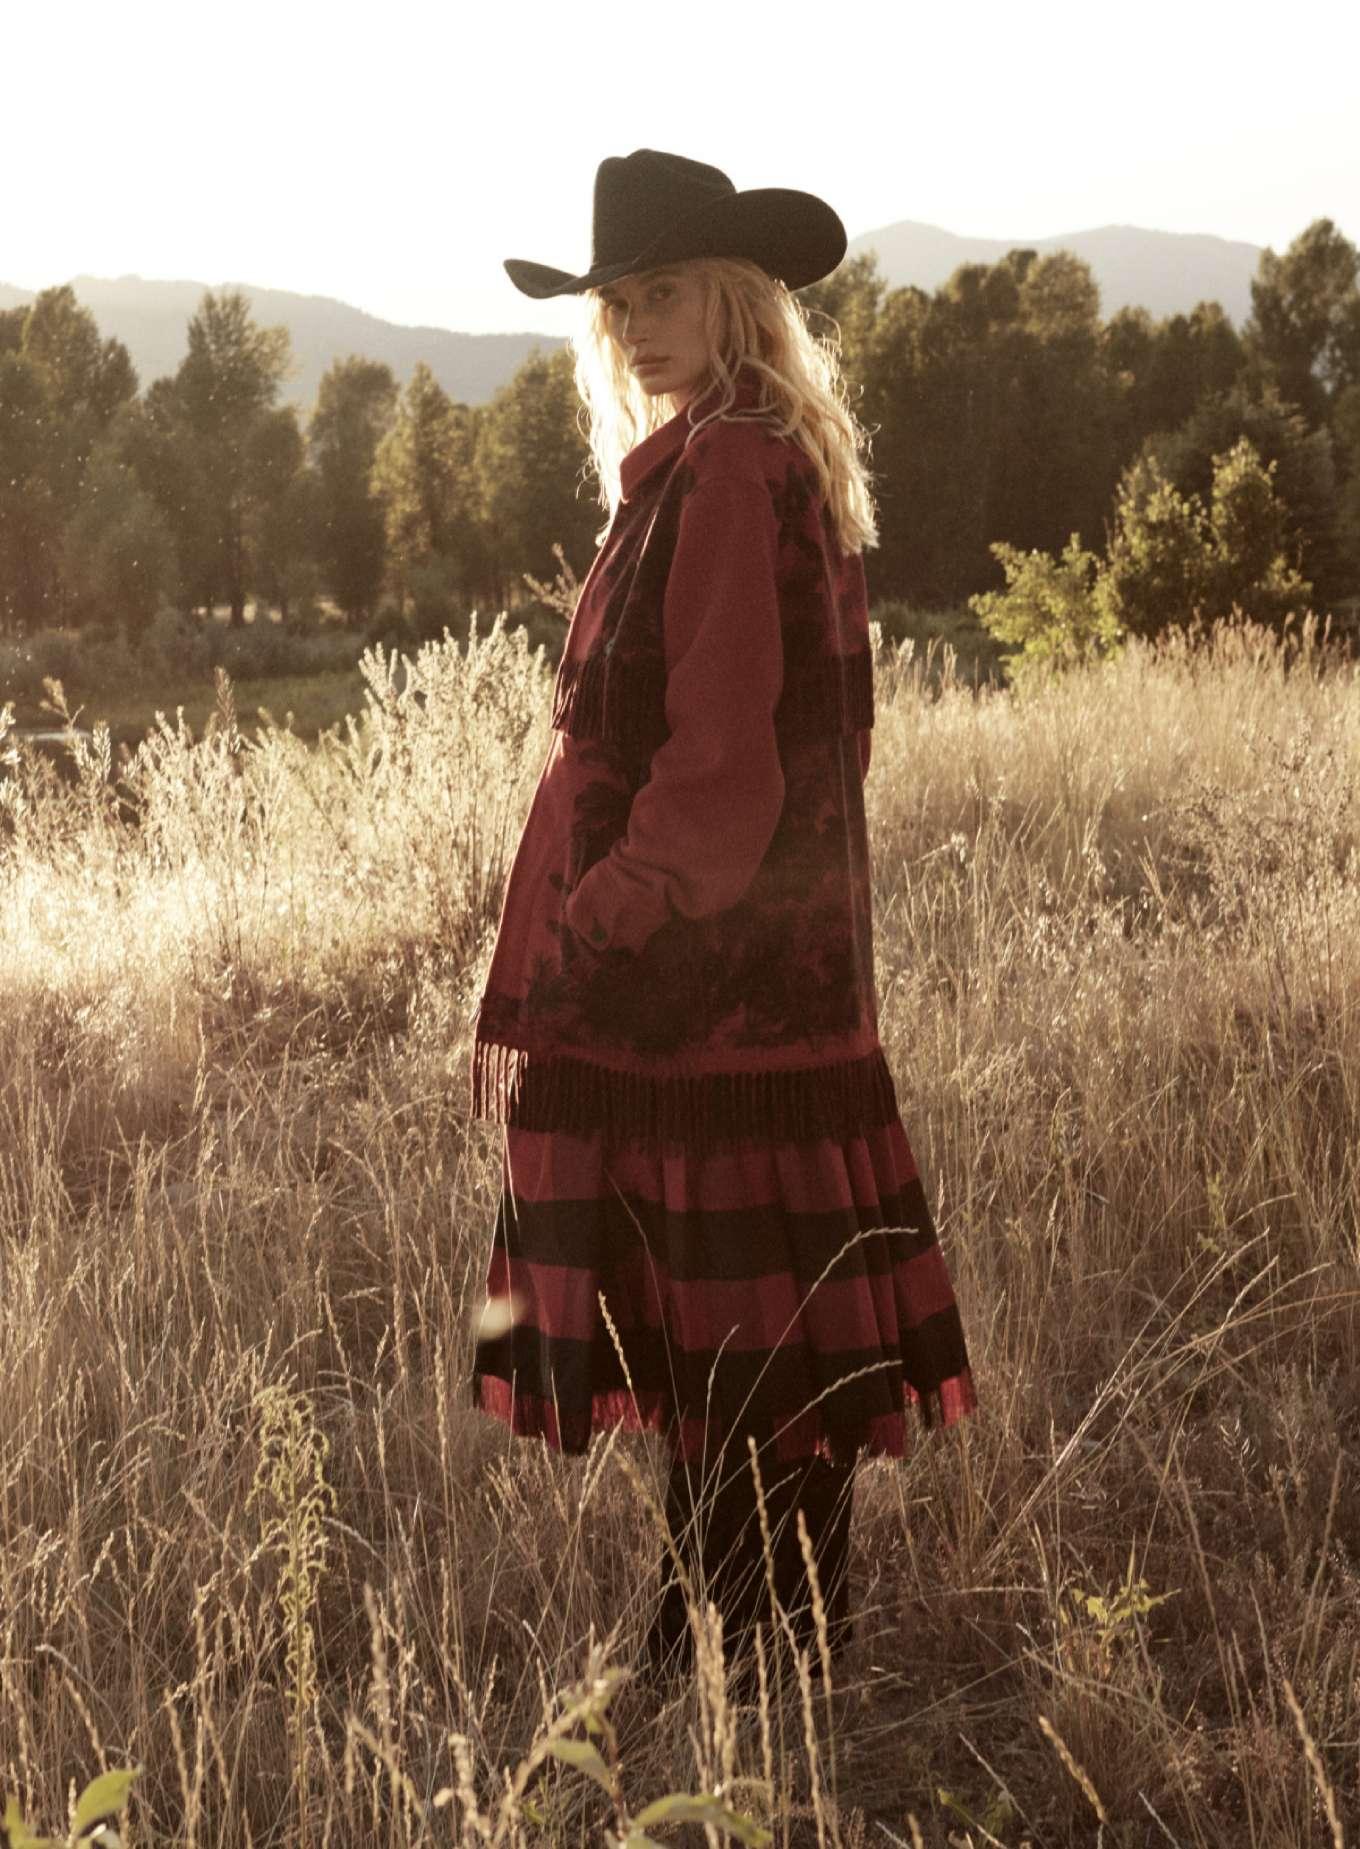 Hailey Baldwin 2019 : Hailey Baldwin – Vogue US 2019-01